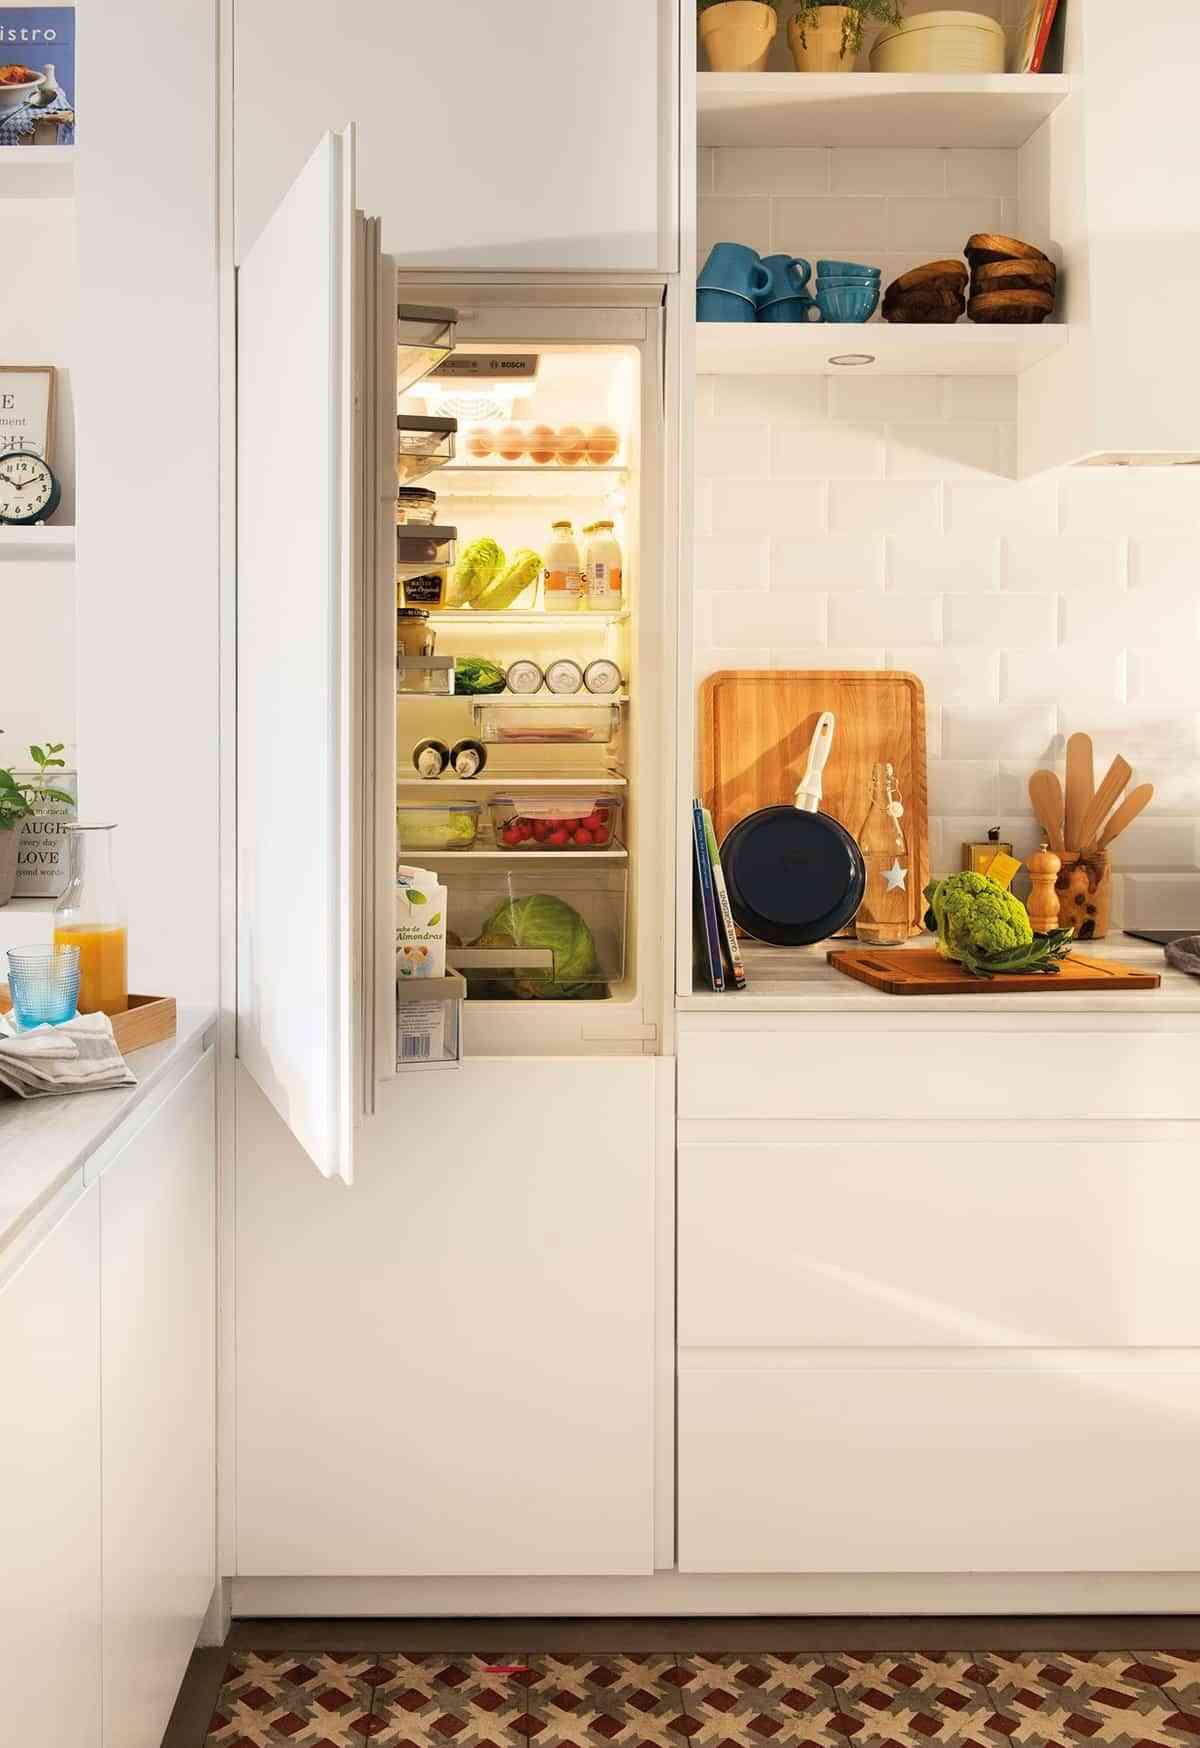 Paneled kitchens